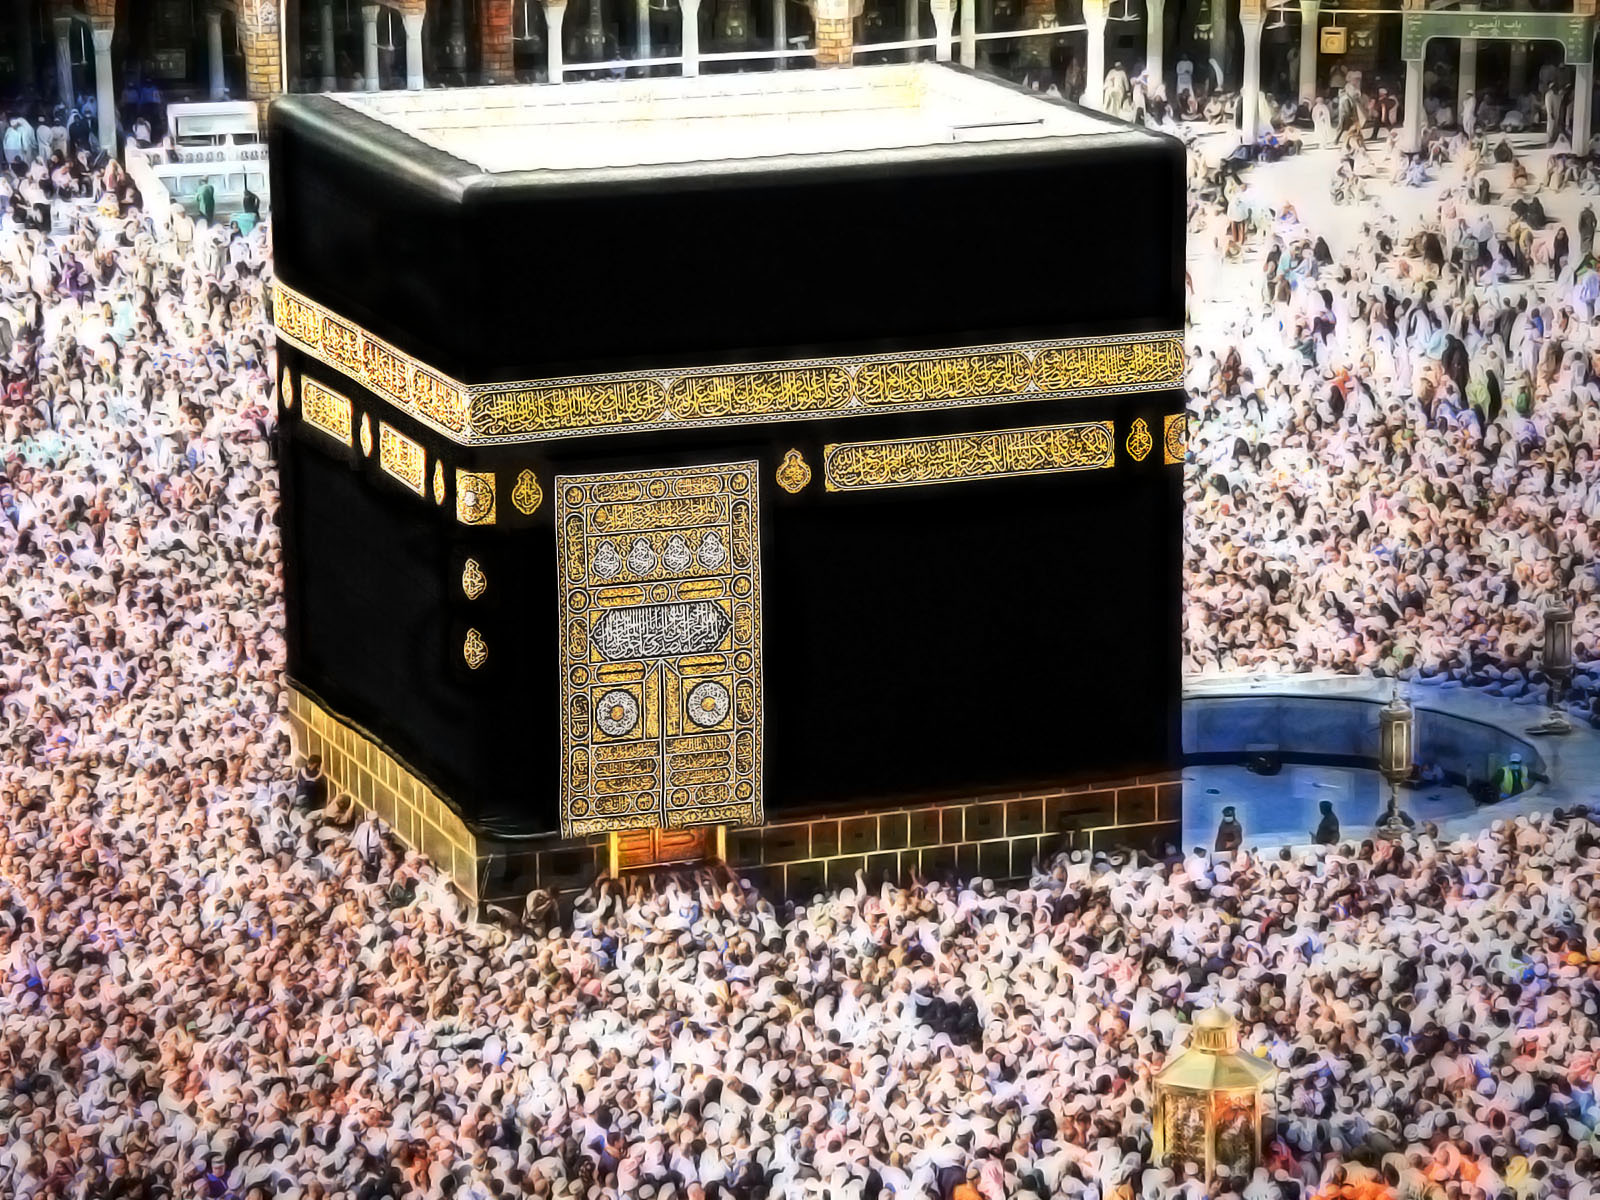 http://1.bp.blogspot.com/--lPC9nVj3H0/UC8lofHa-iI/AAAAAAAAFpQ/gRY6e5EfKnA/s1600/islam%1%20(8).jpg